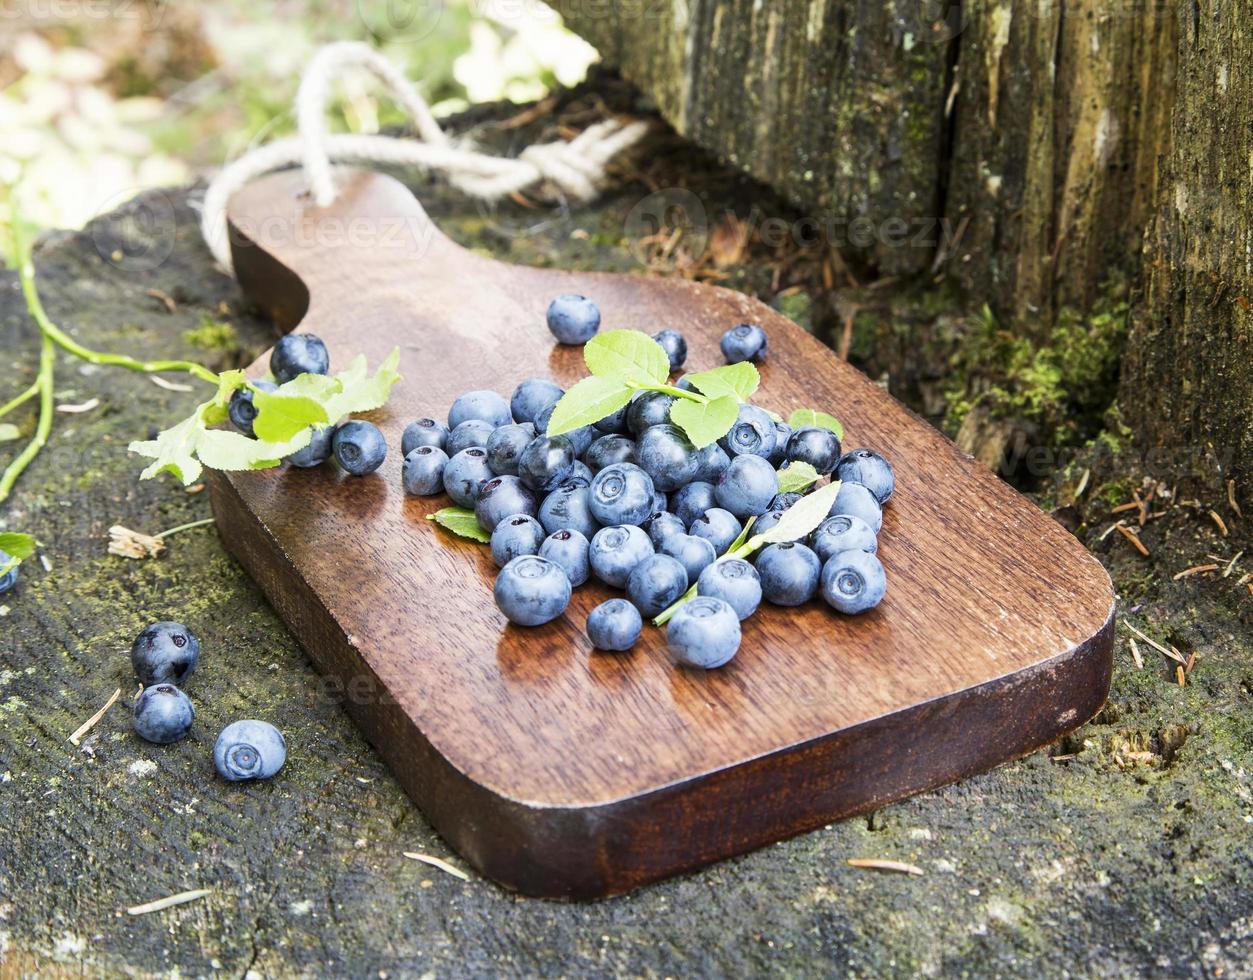 Blaubeeren frisch aus dem Wald gepflückt foto